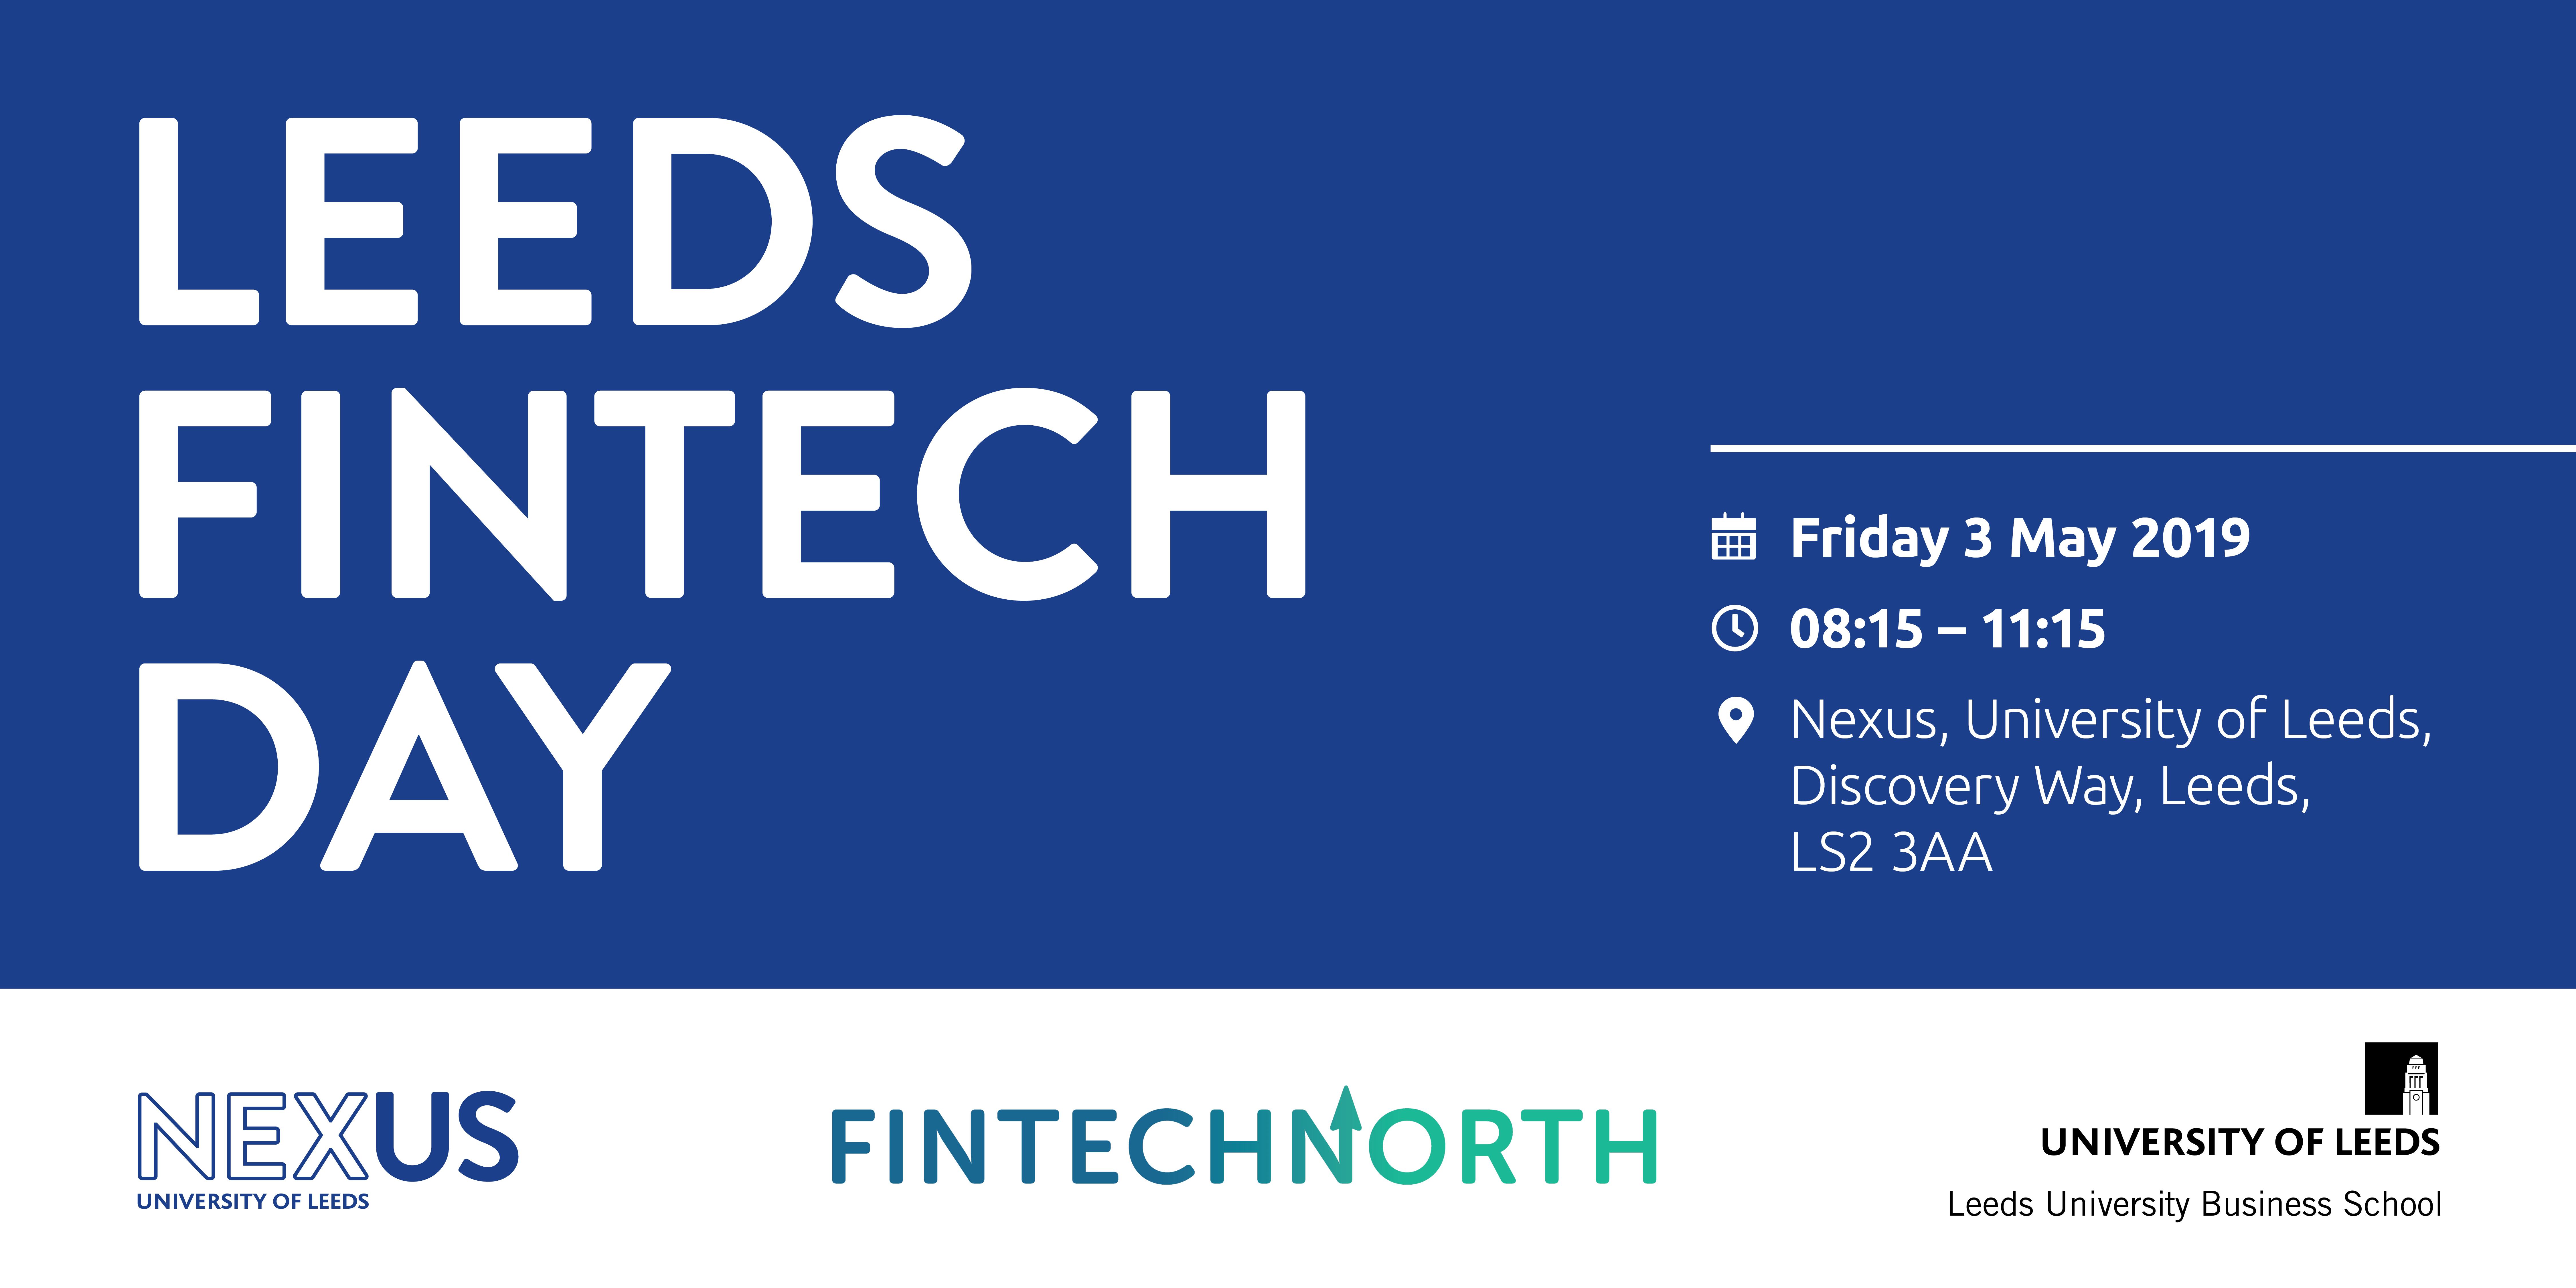 Leeds FinTech Day